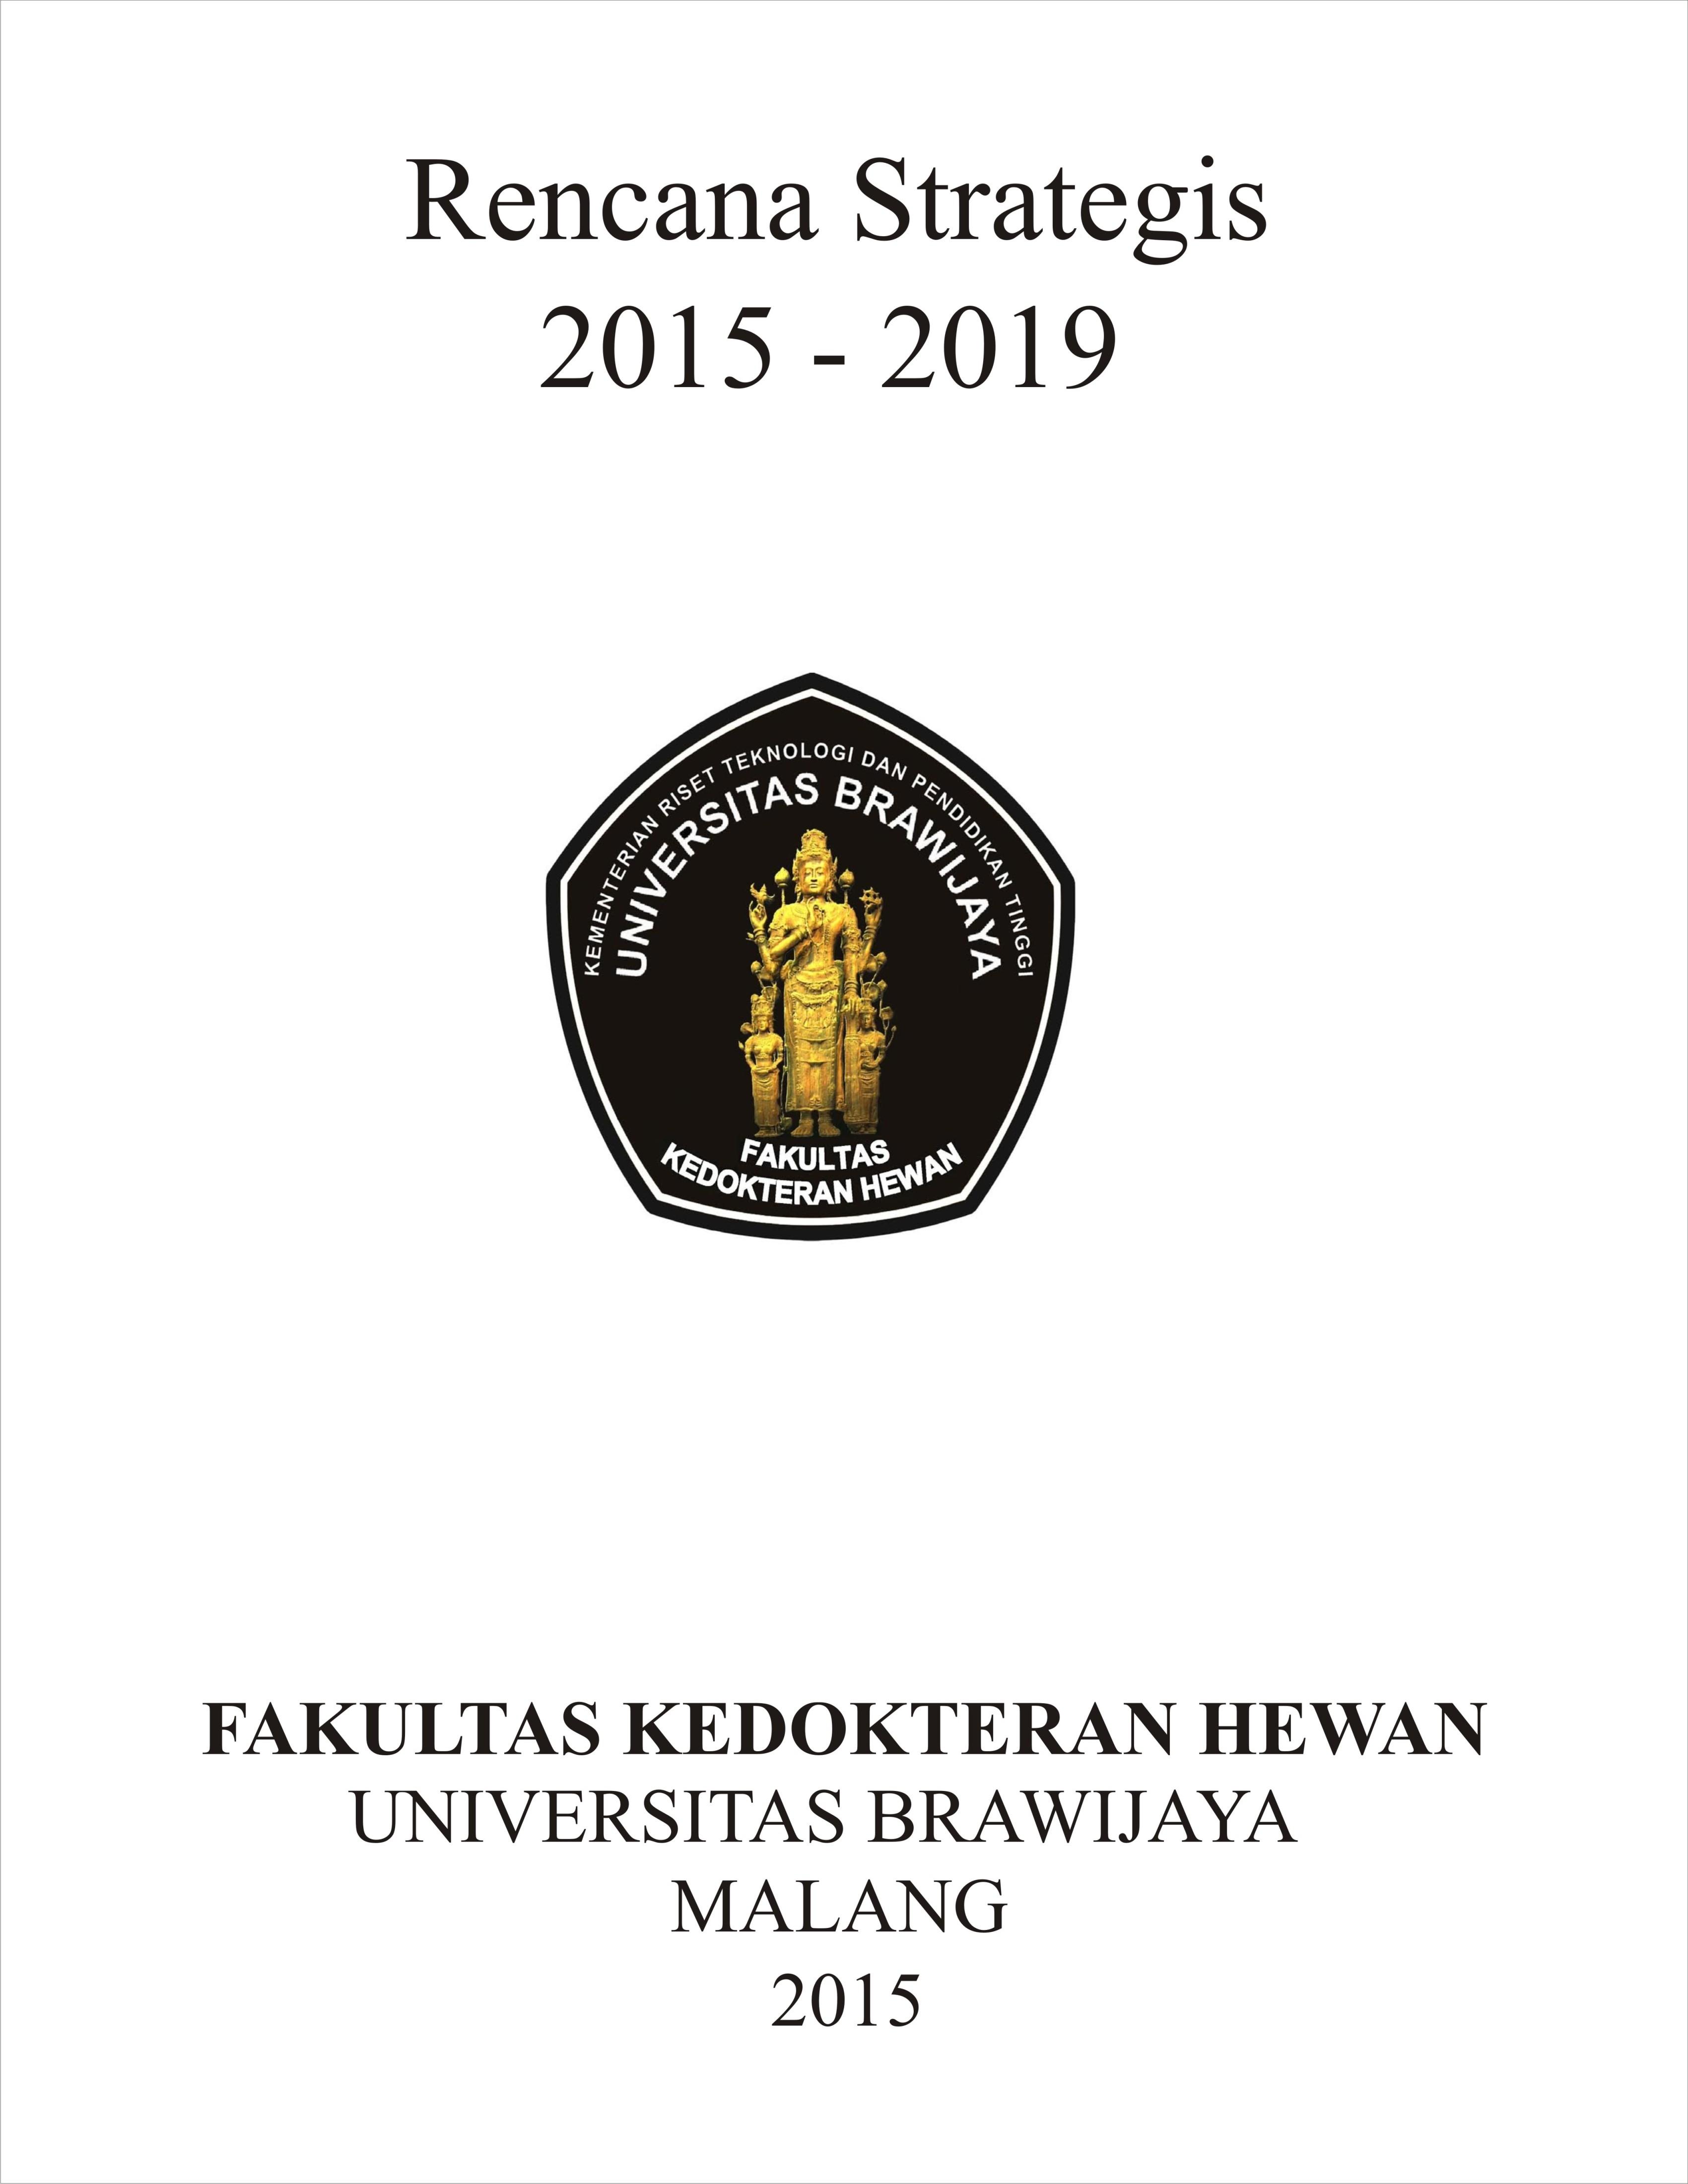 RENSTRA FKH UB 2015-2019